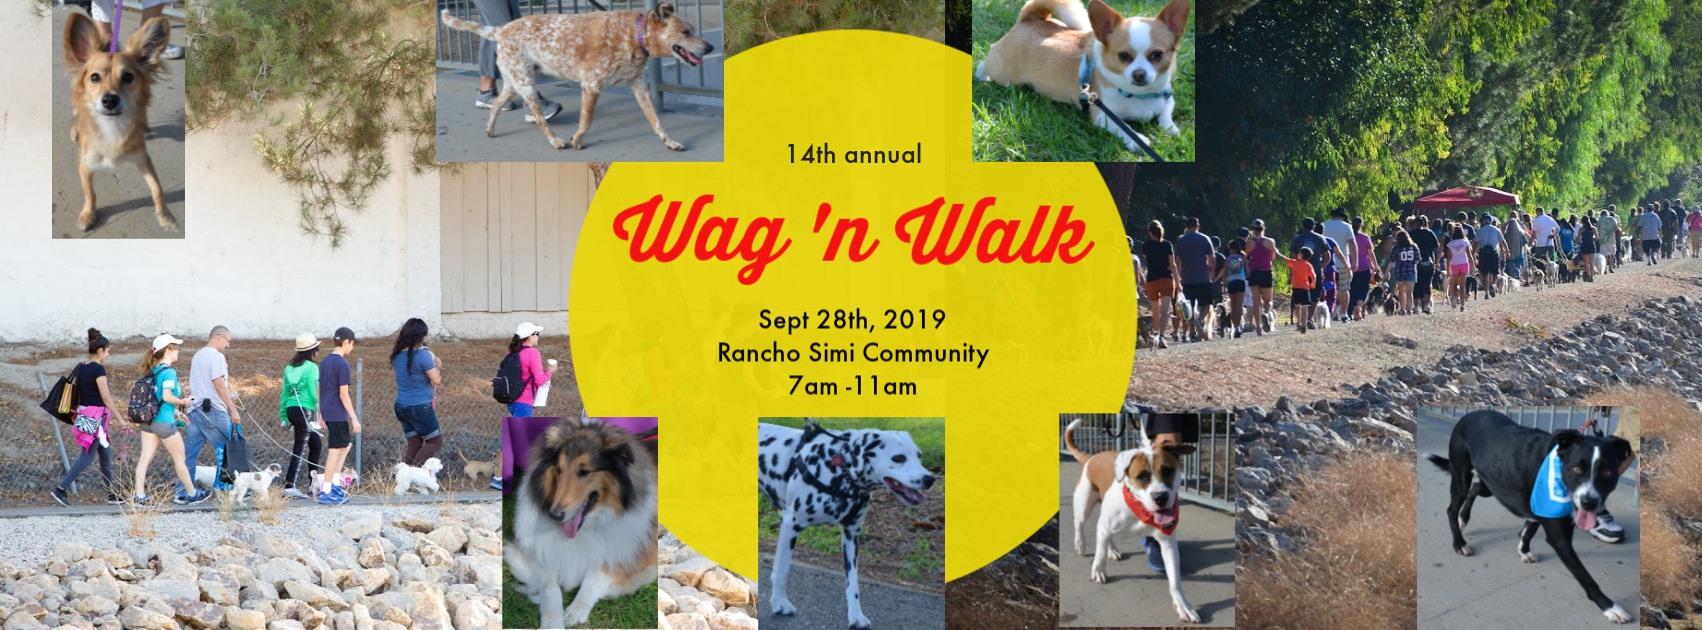 14TH ANNUAL WAG N WALK 2019 (Simi Valley)